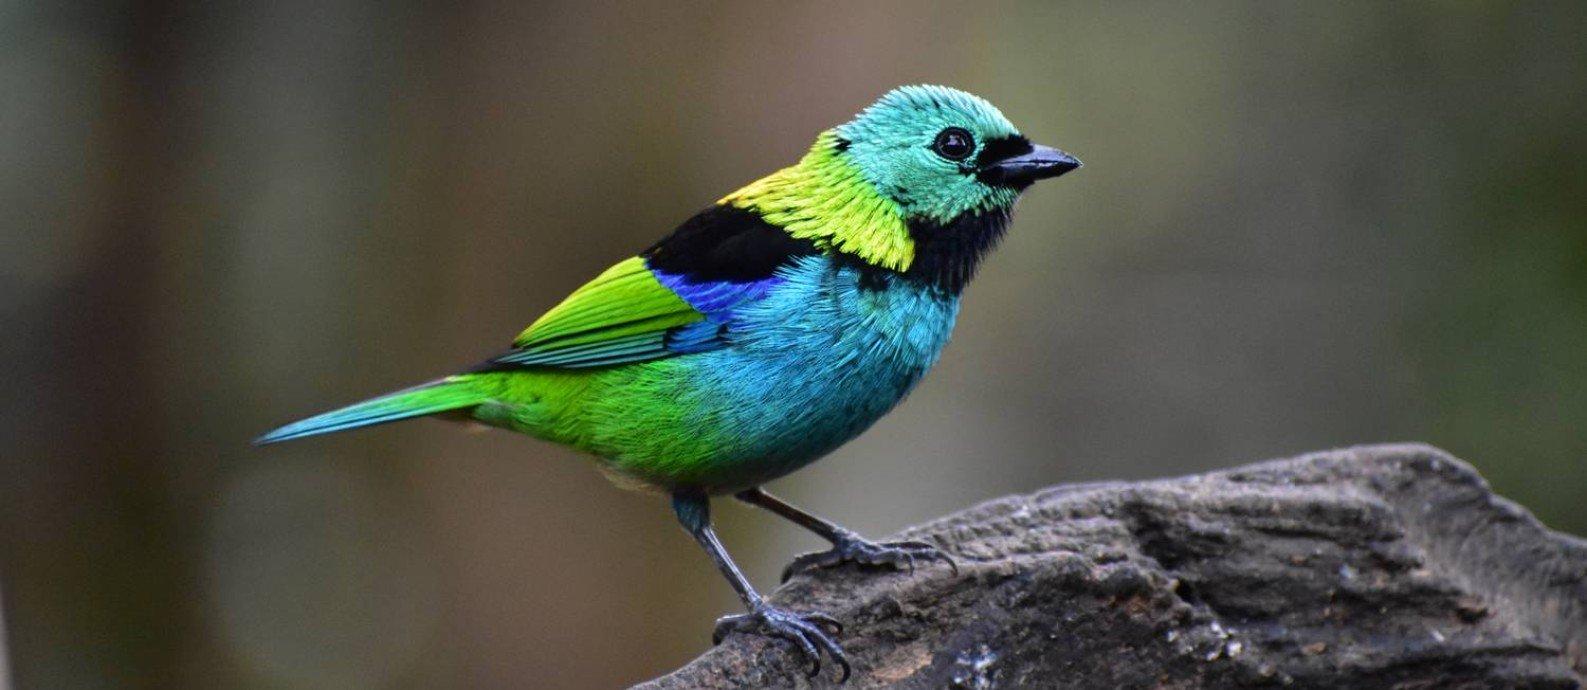 Read more about the article Tráfico de animais silvestres afeta 18% das espécies de aves, mamíferos, répteis e anfíbios